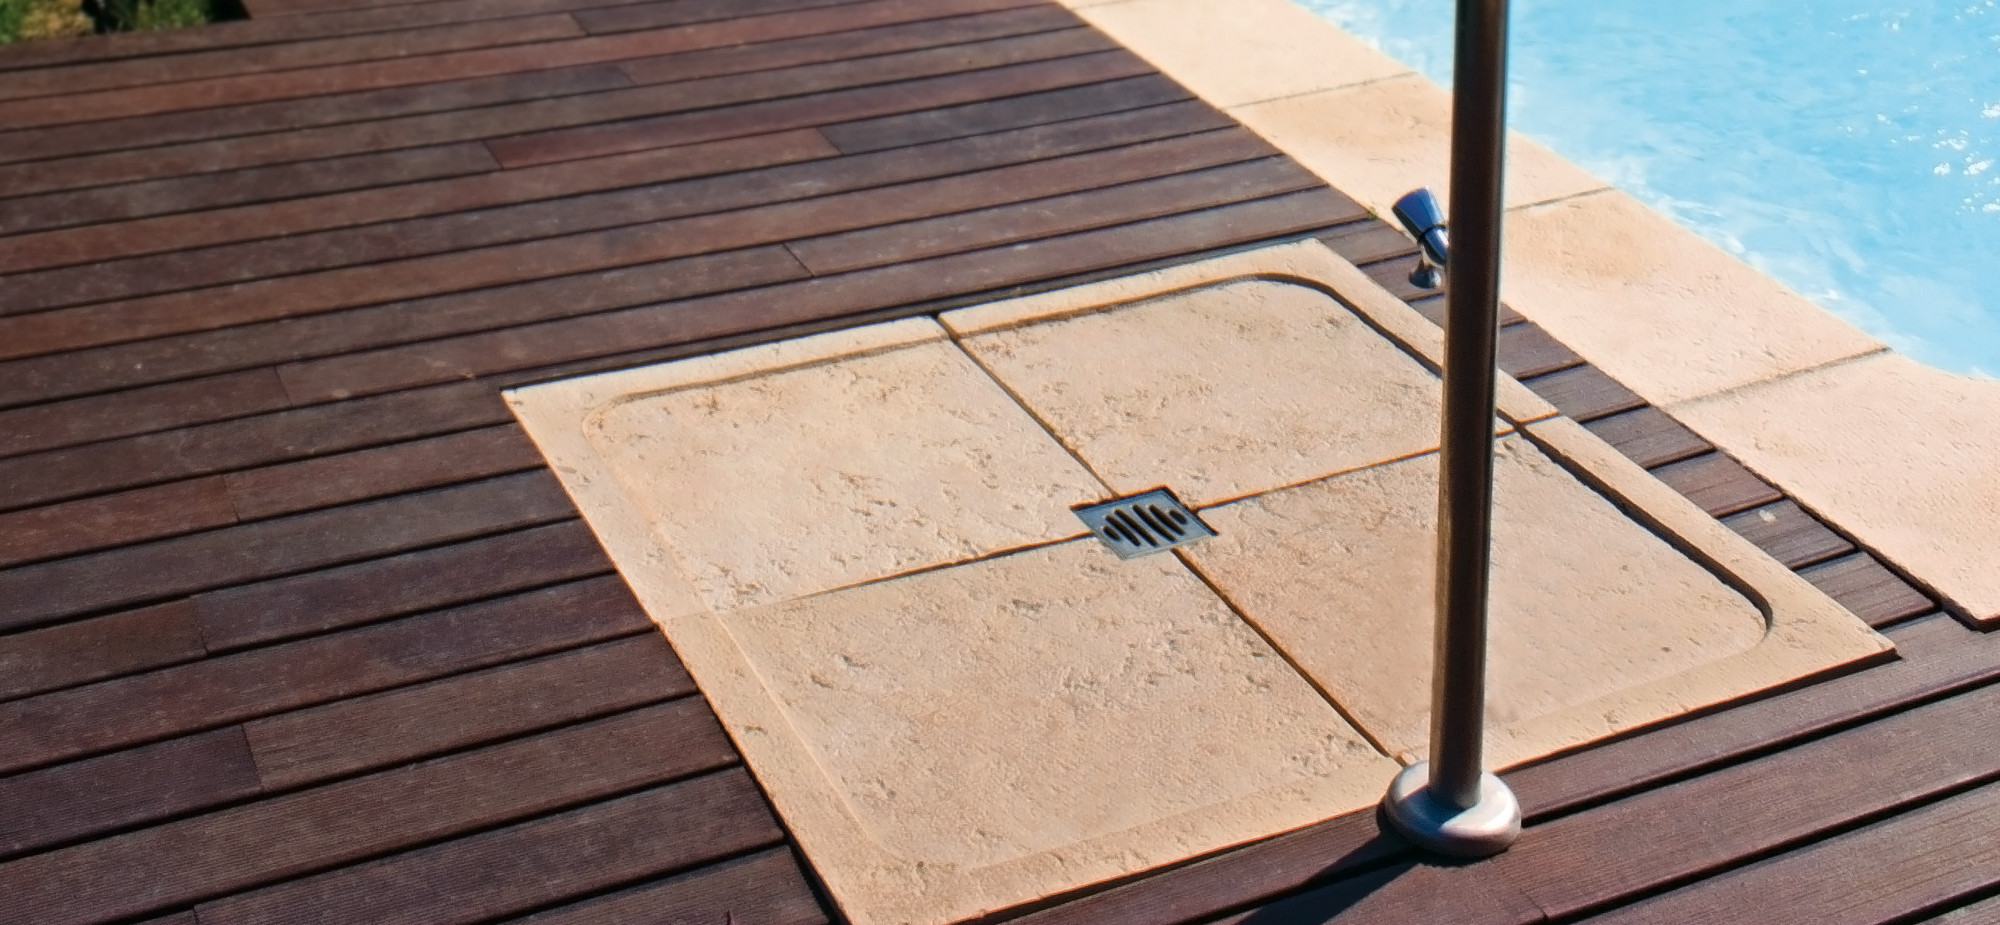 Base de chuveiro fabistone pavimentos exteriores - Duchas exteriores para piscinas ...